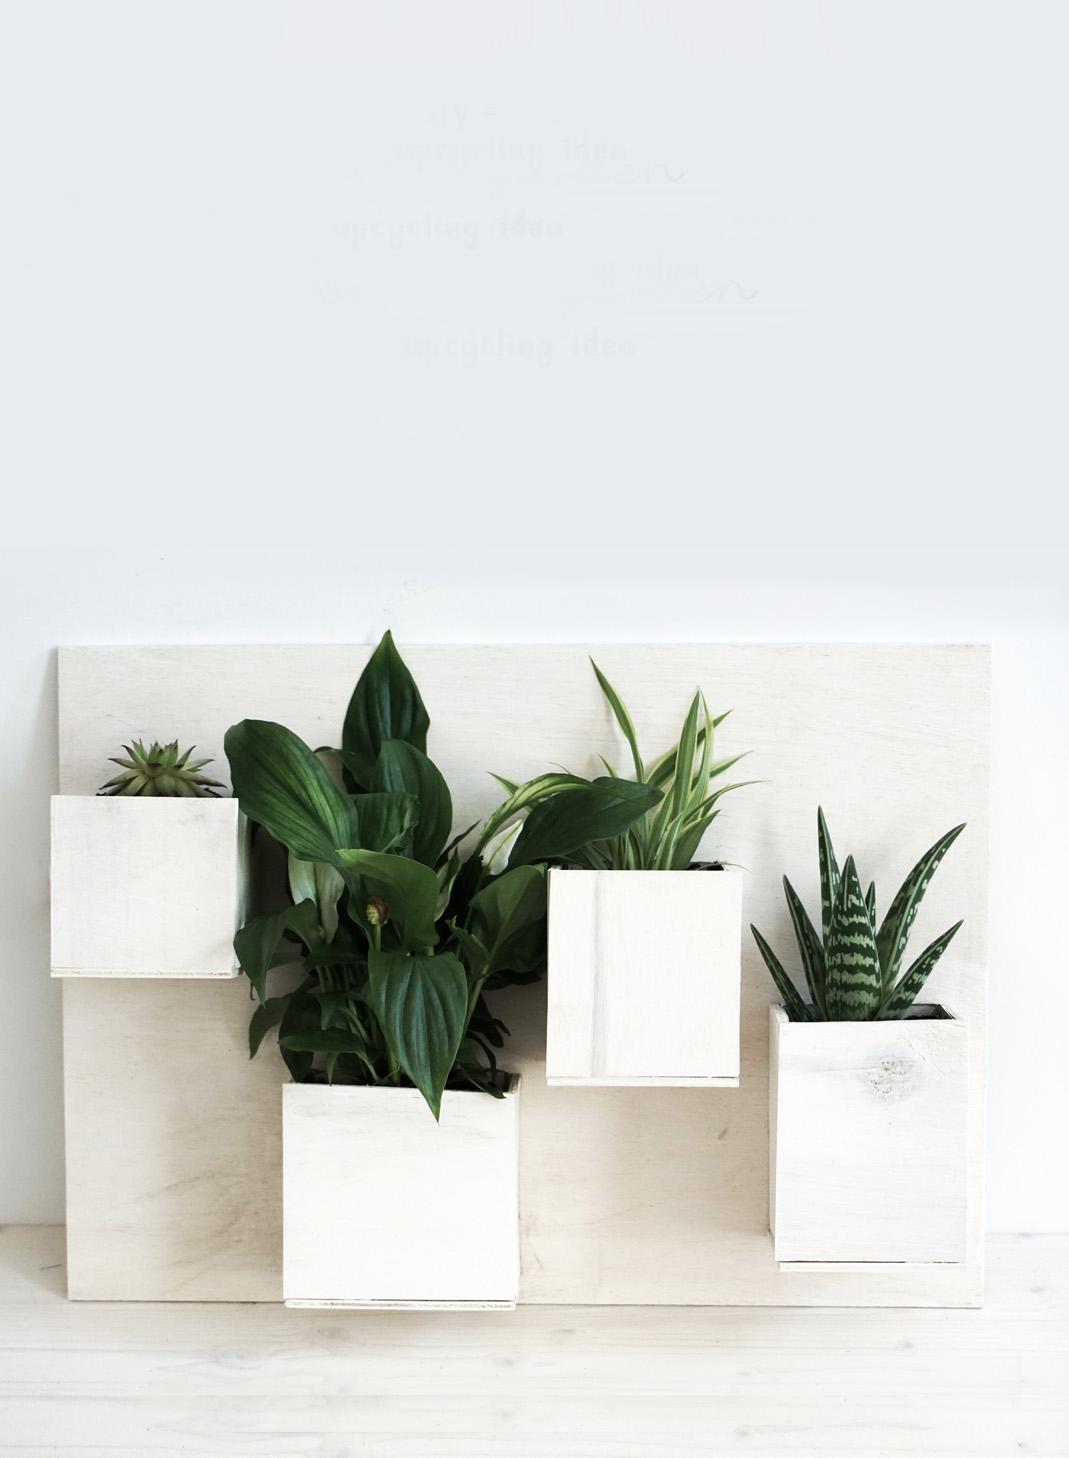 schereleimpapier diy blog schreibtisch organisieren tipps 1 schereleimpapier diy blog f r. Black Bedroom Furniture Sets. Home Design Ideas